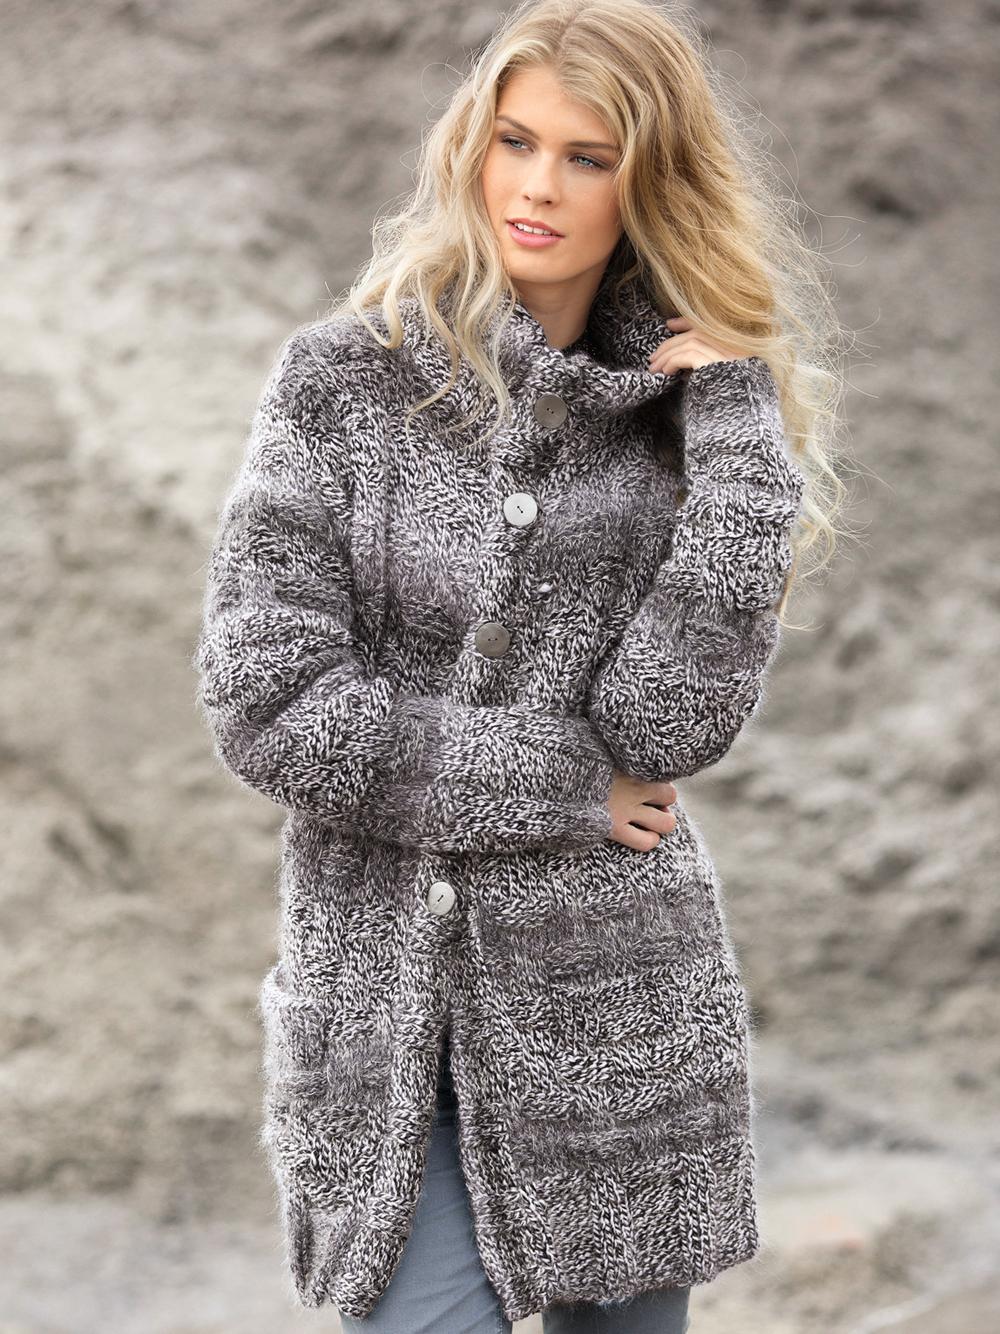 Вязание картинки пальто